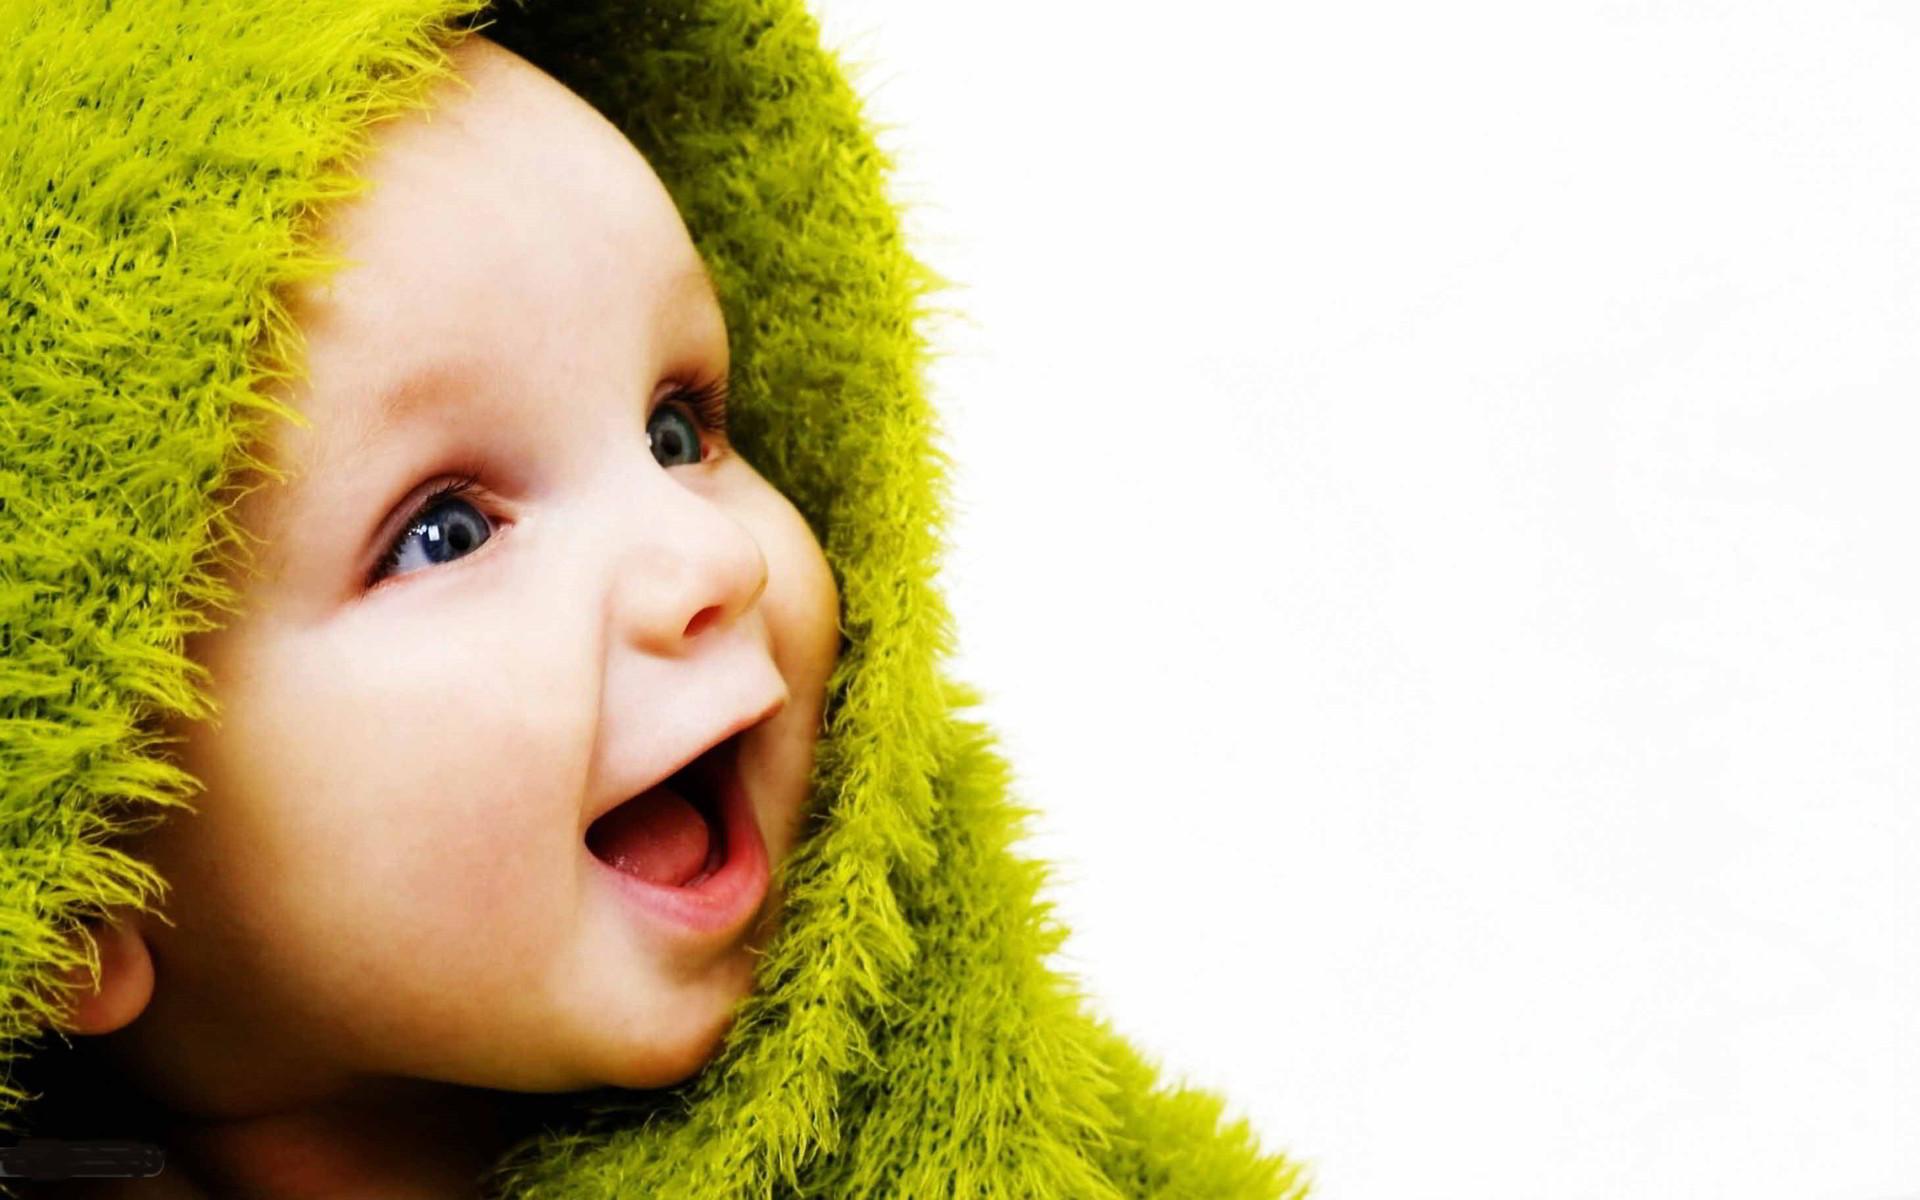 Những hình ảnh đáng yêu. ngộ nghĩnh của trẻ nhỏ luôn làm ta thấy vui vẻ và muốn ngắm nhìn mãi không thôi. Ảnh nền em bé với những hình ảnh đẹp ...